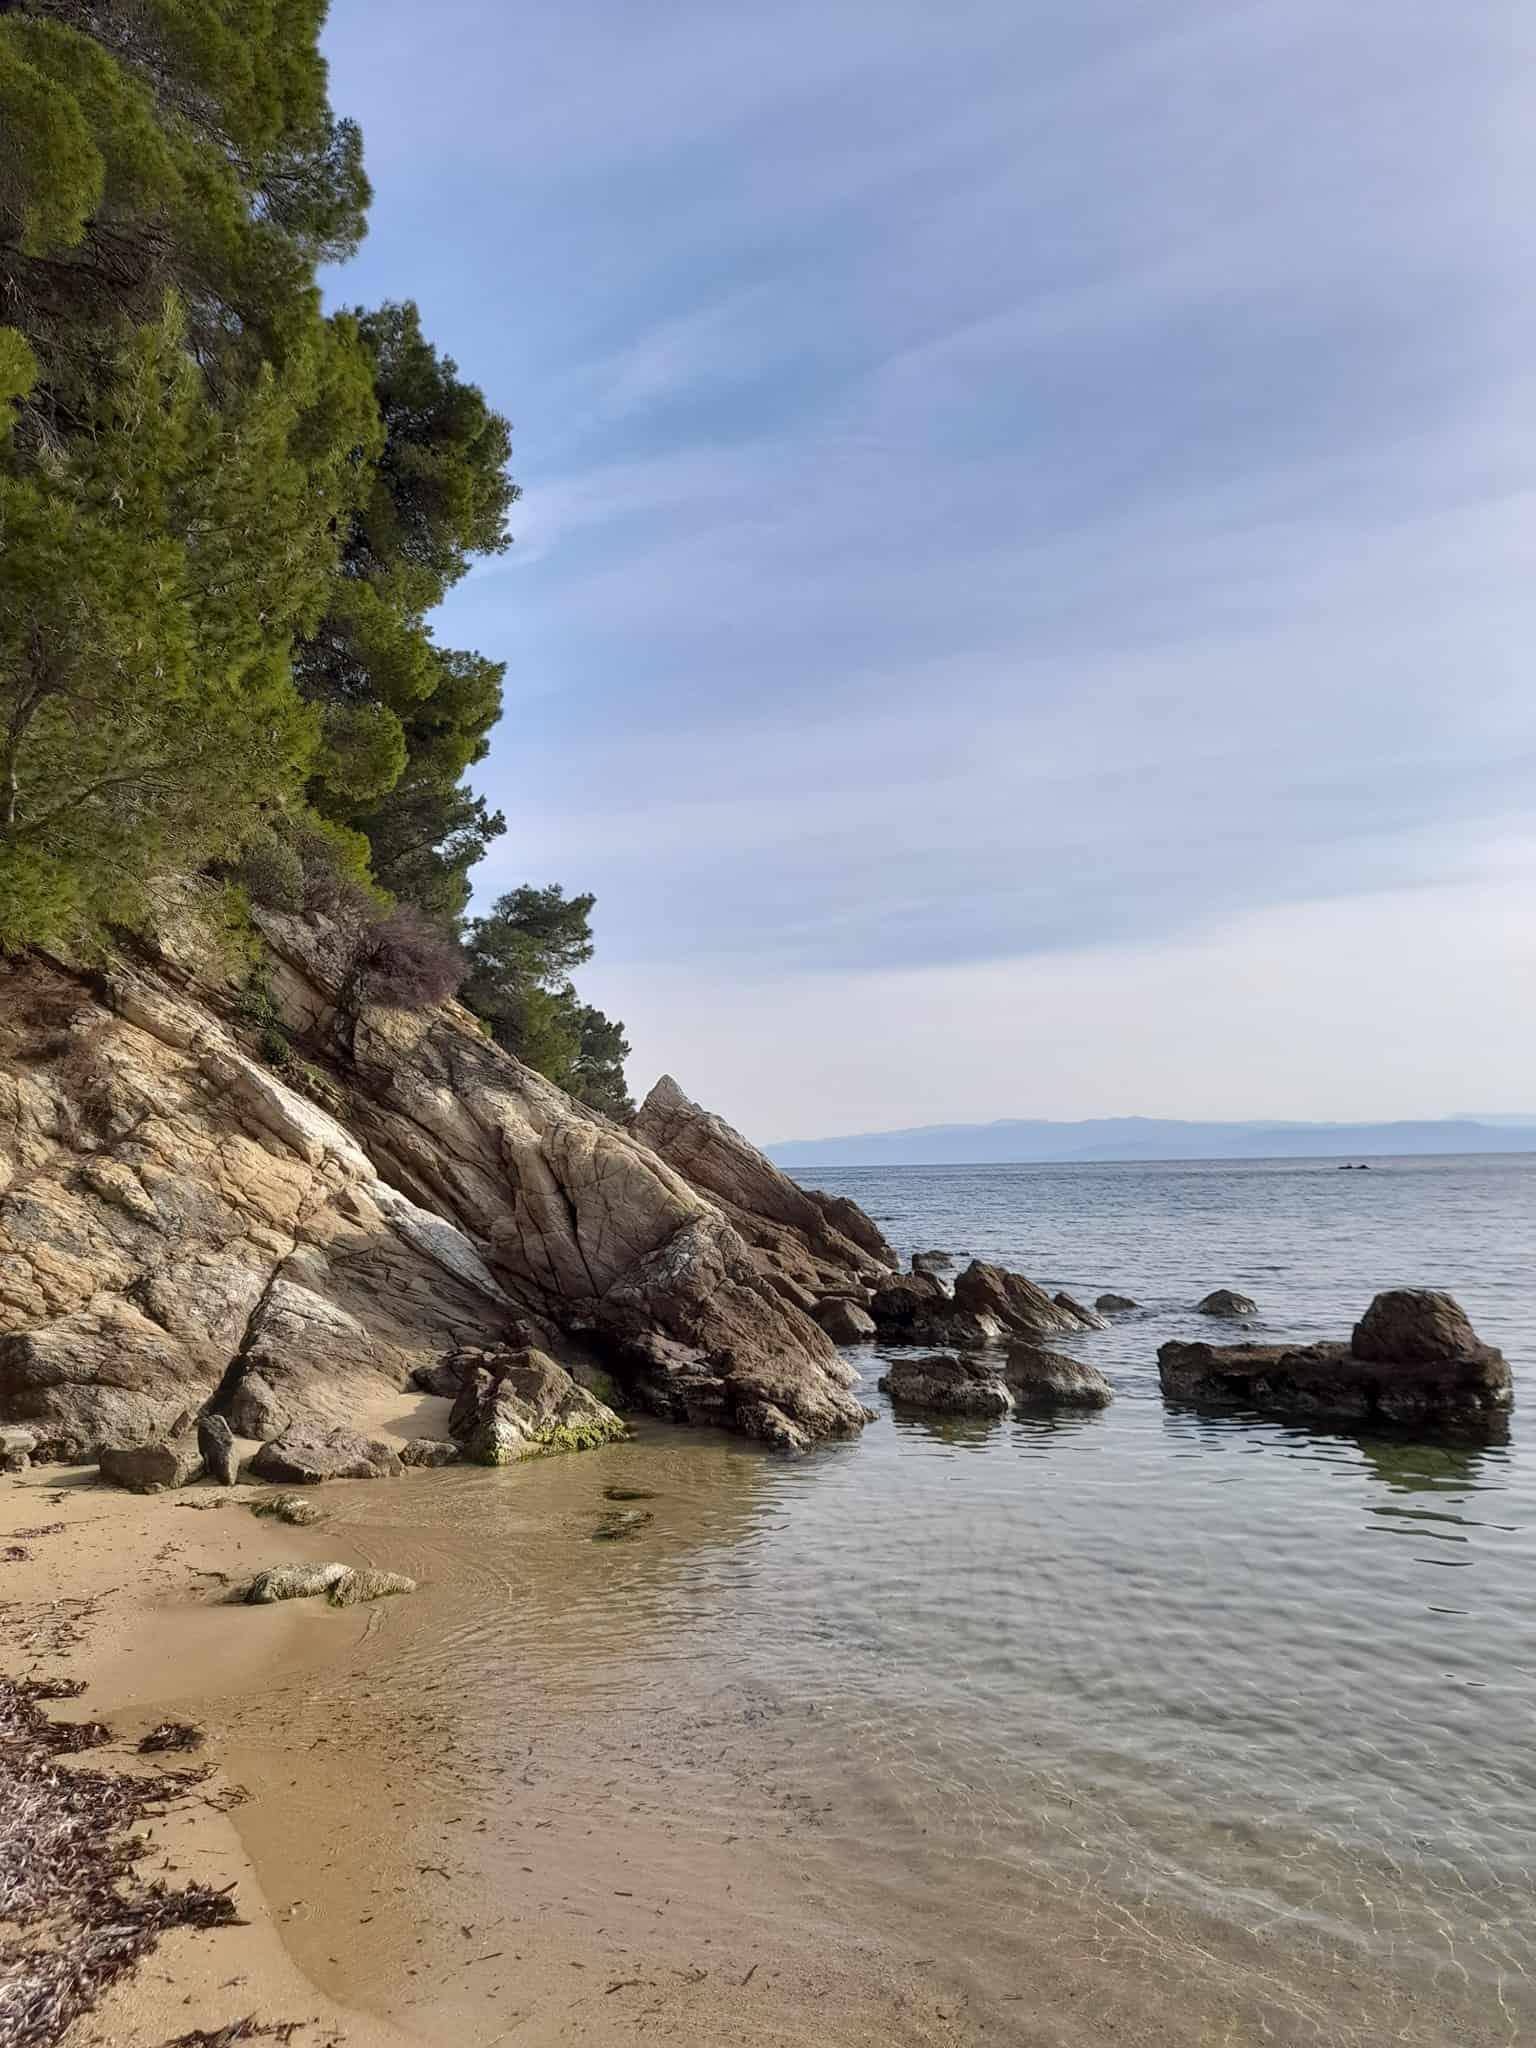 Skiathos beaches: Vromolimnos beach